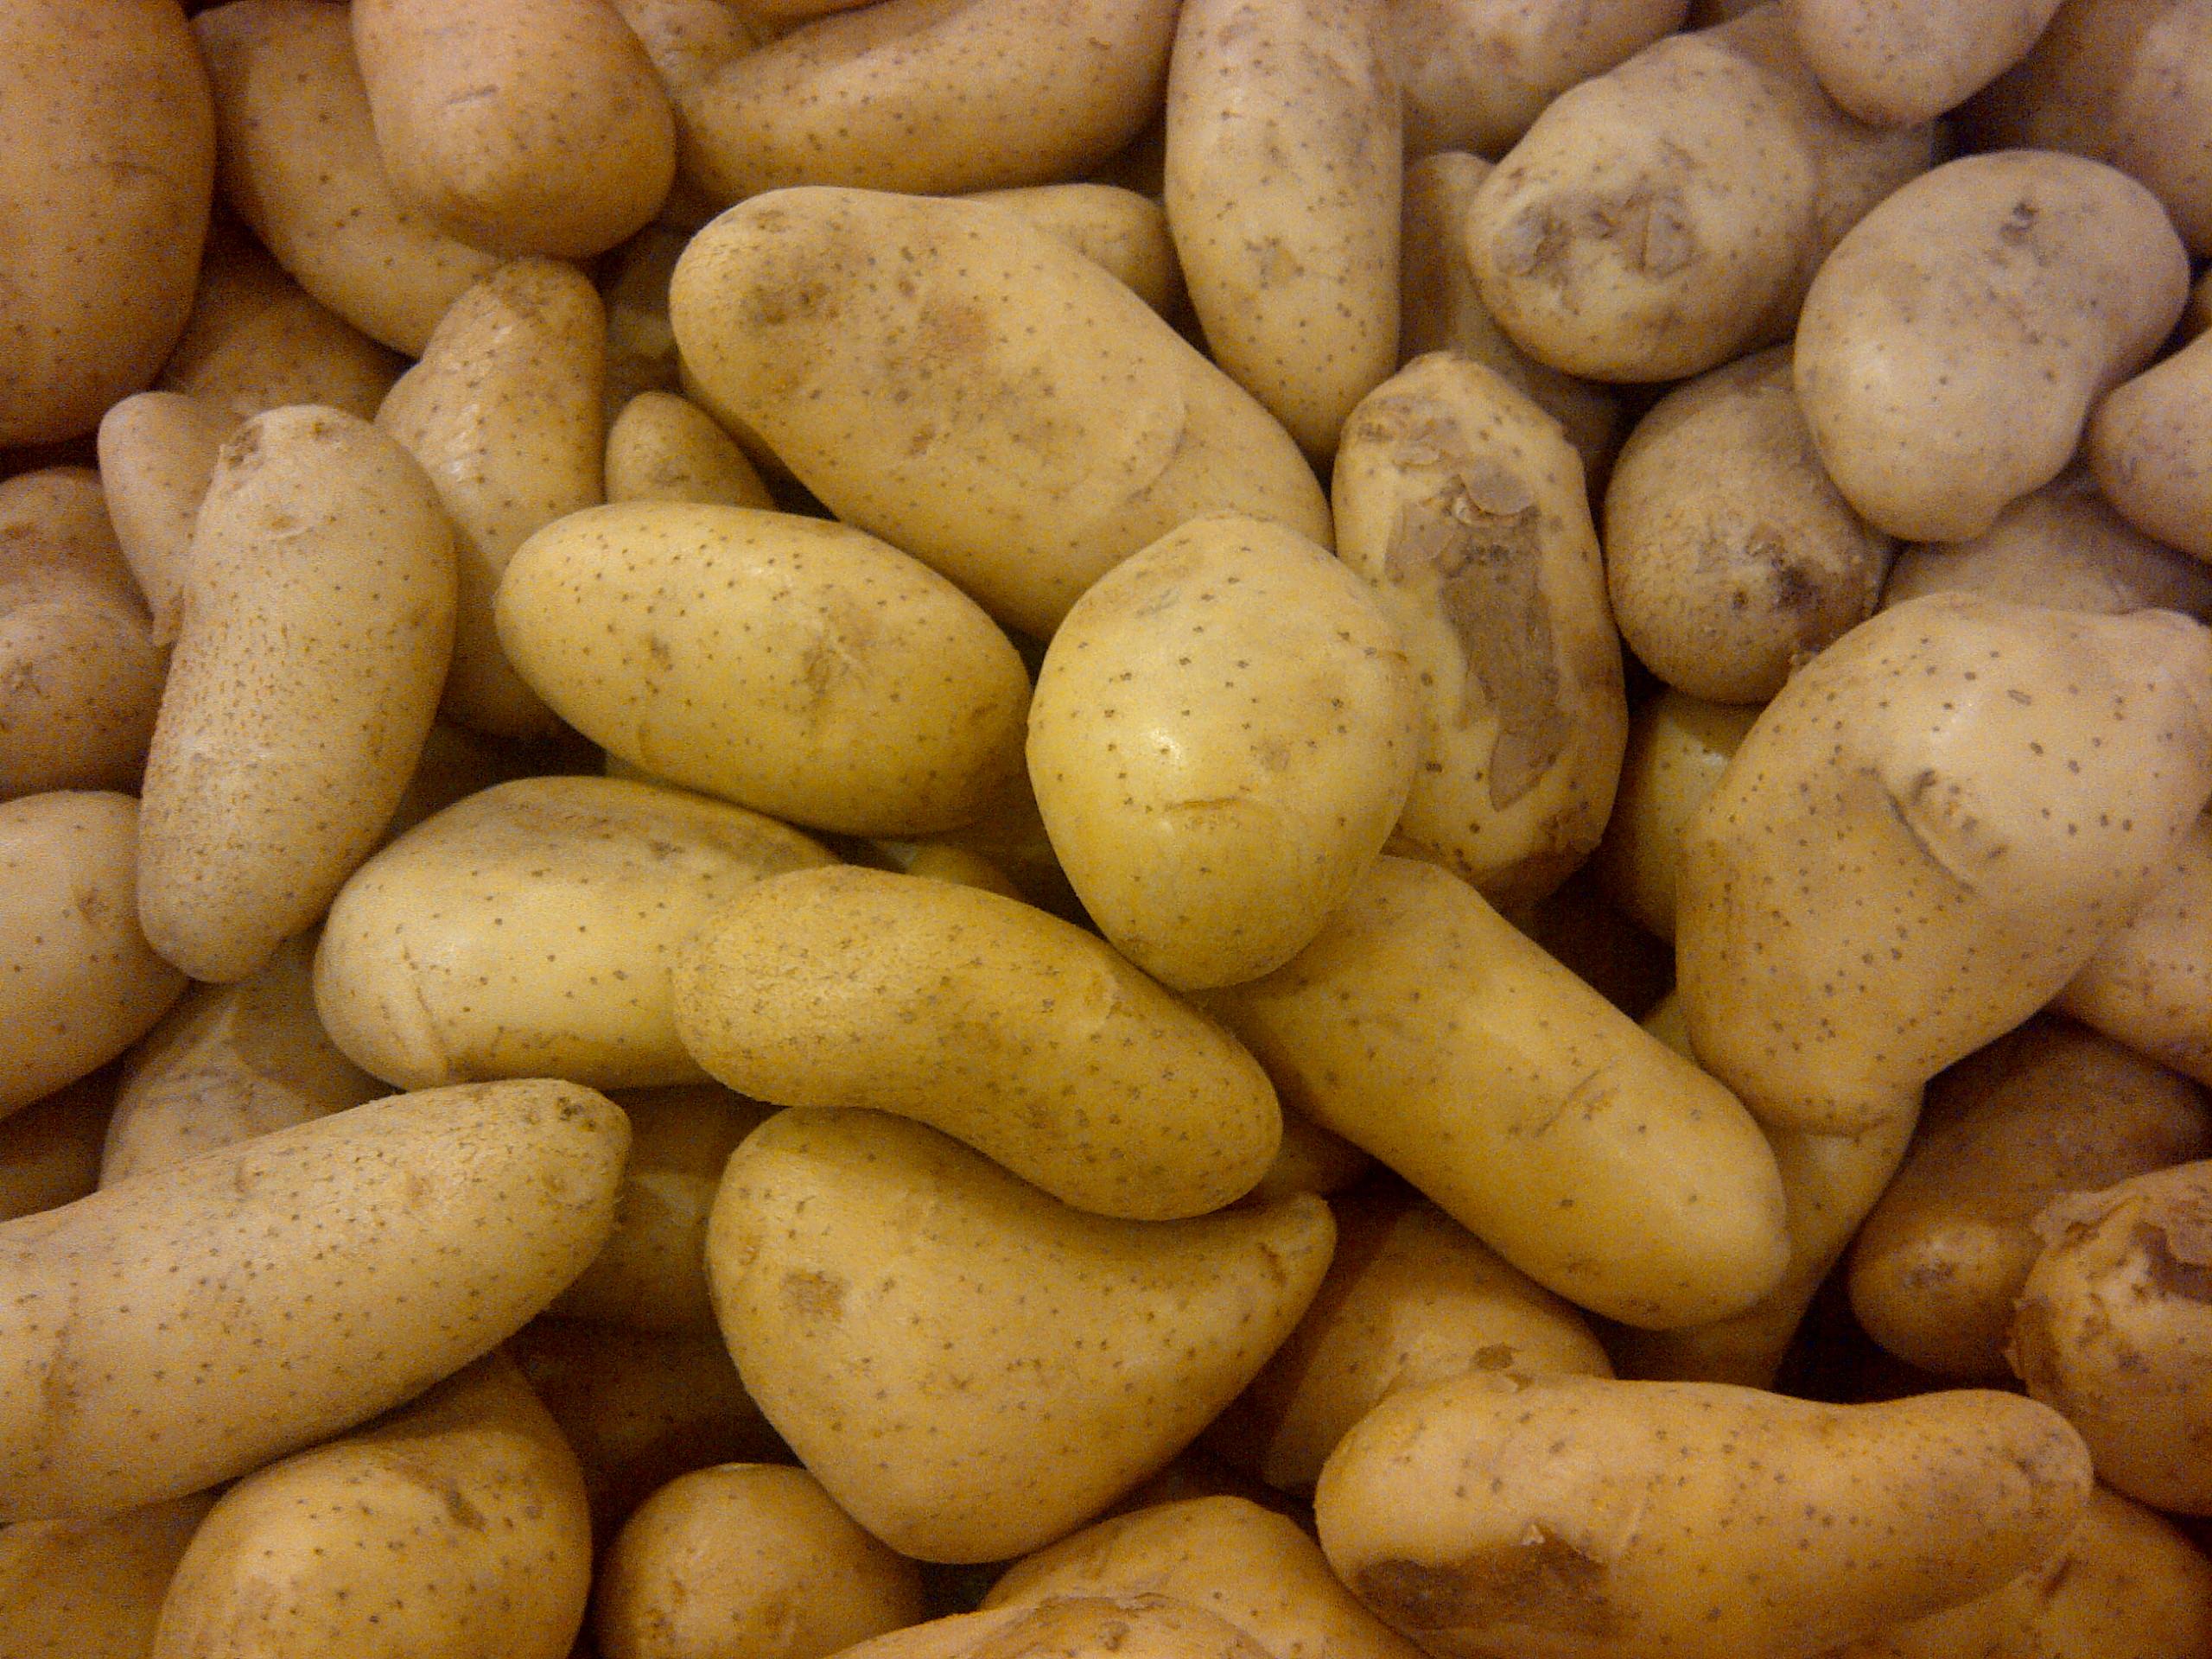 Potato_123